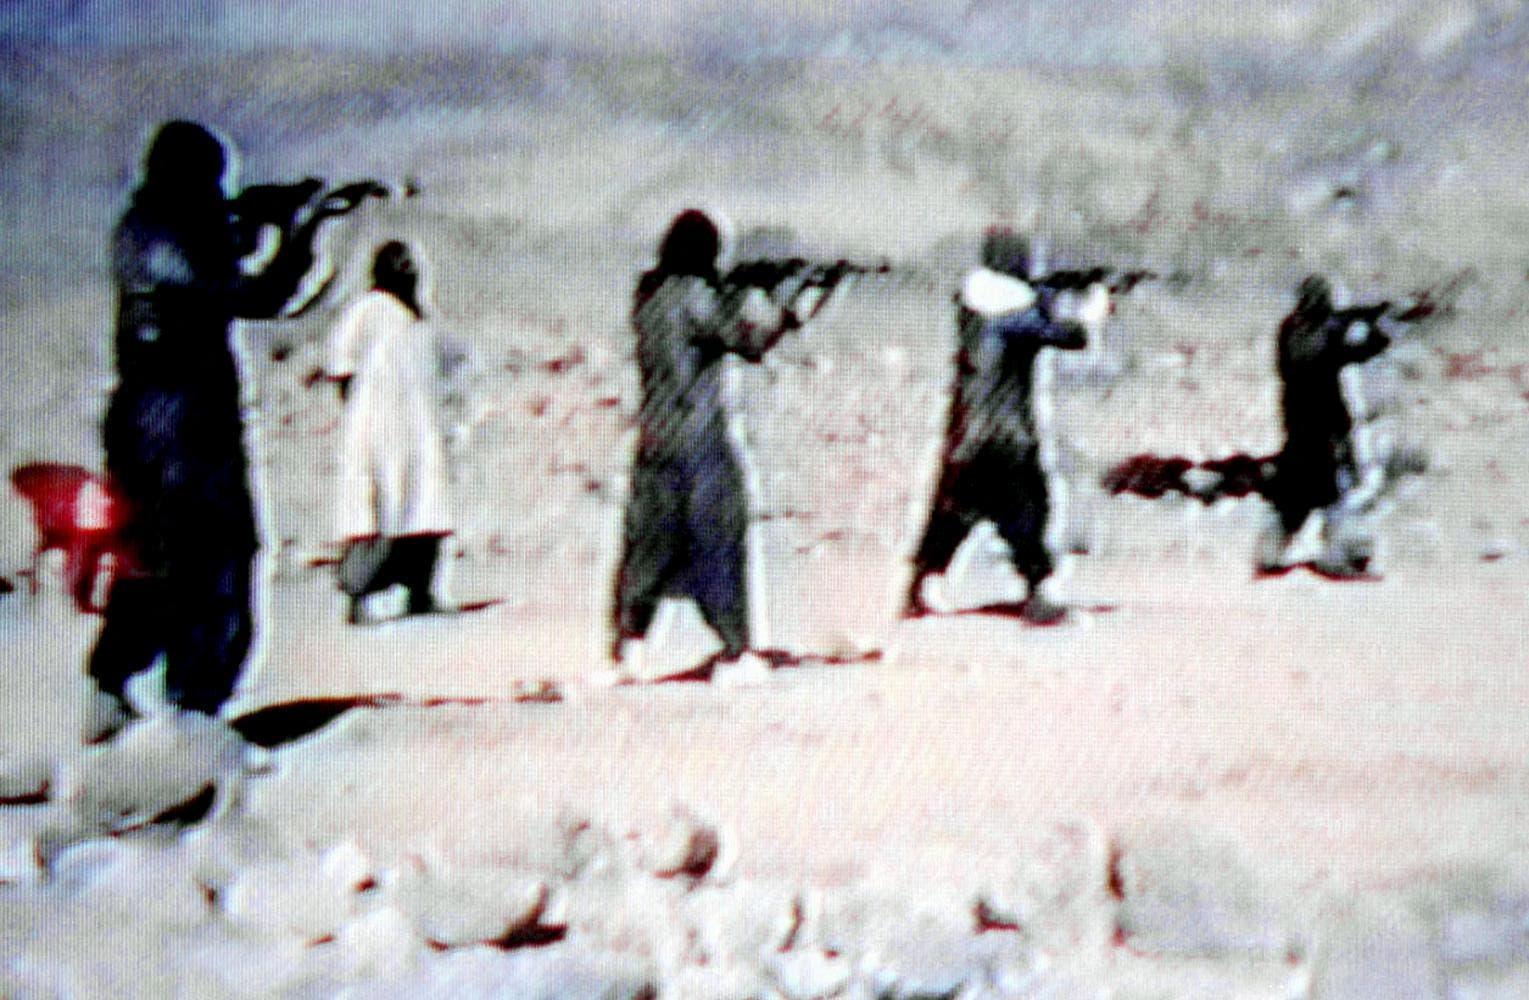 معسكر تدريب للقاعدة في أفغانستان في تسعينيات القرن الماضي